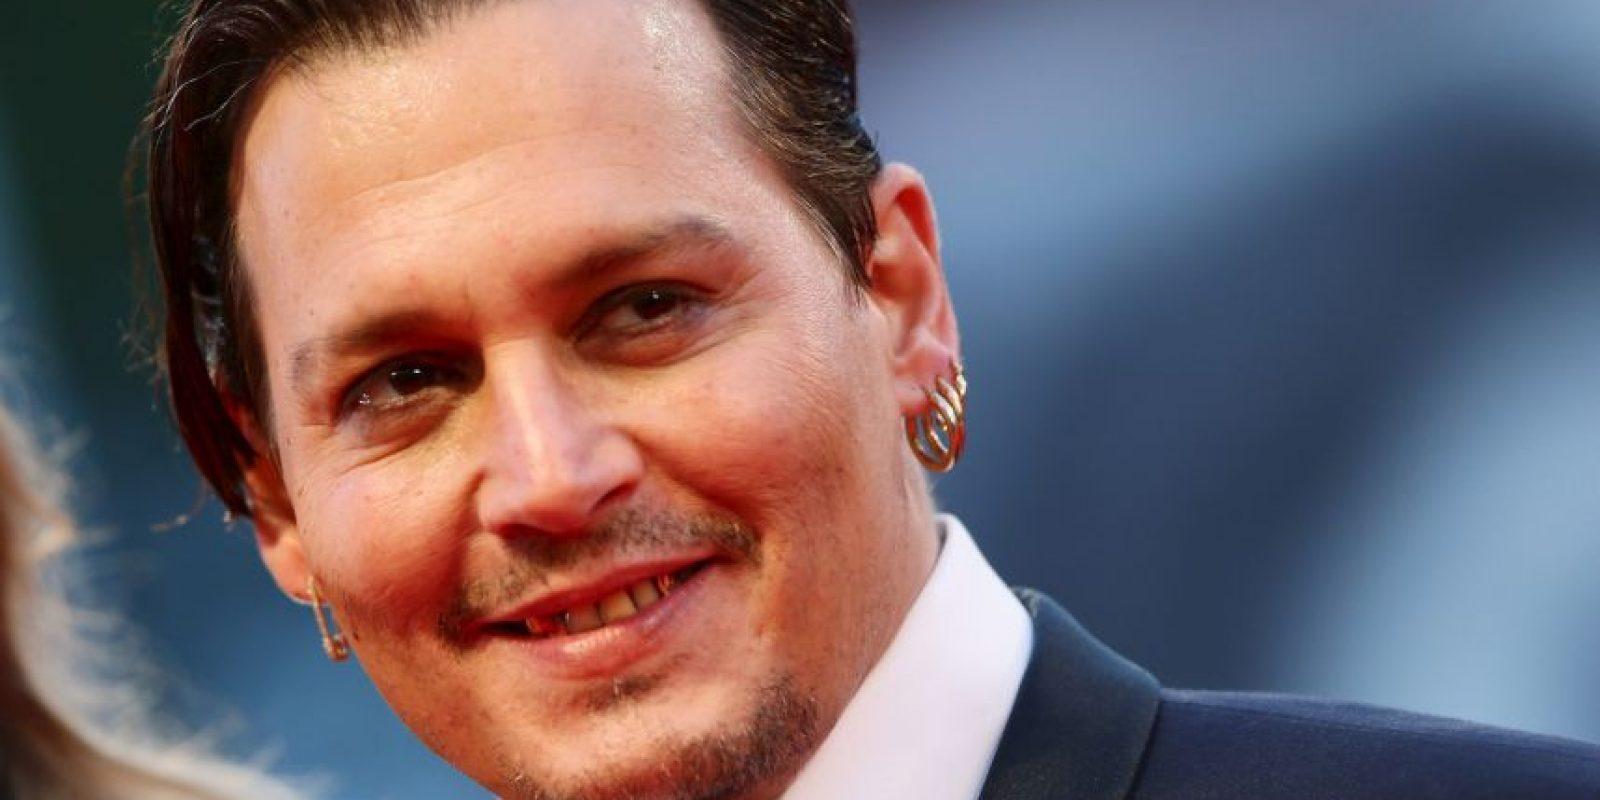 Antes de convertirse en un actor, Depp soñaba con ser una estrella de rock. Foto:Getty Images